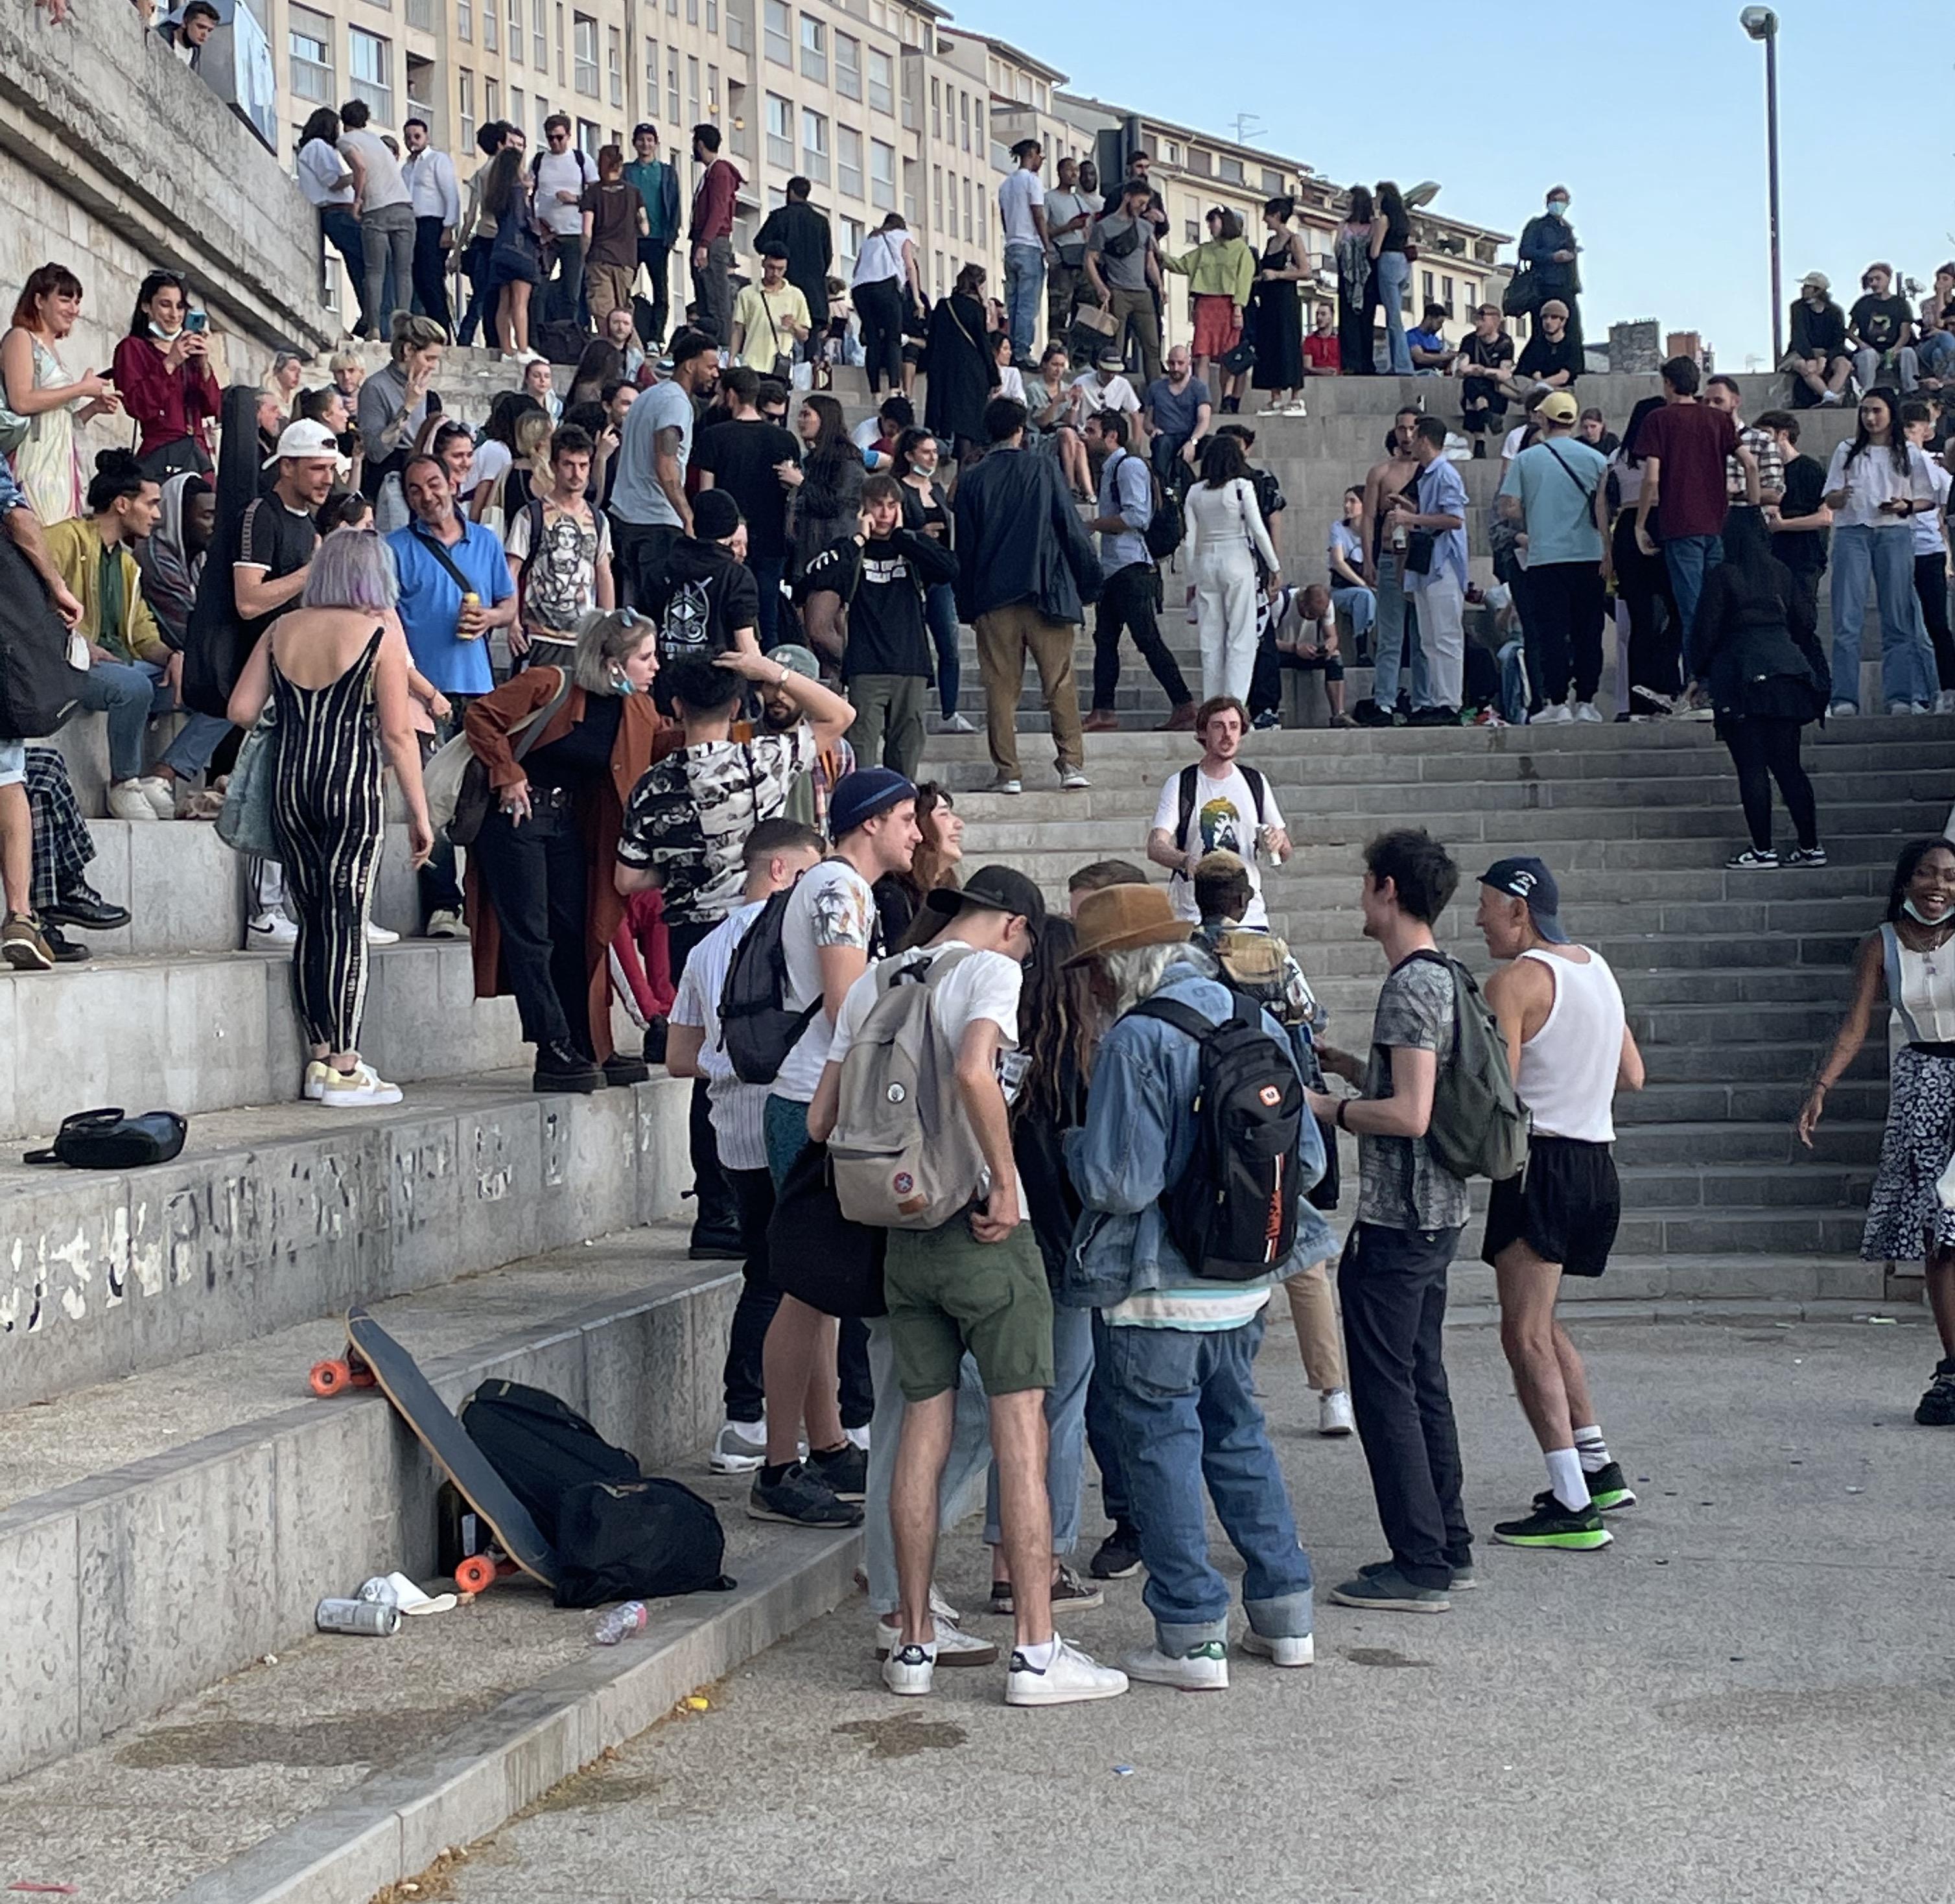 De l'imaginaire fête sauvage sur les quais à Lyon, et de l'indignation sélective